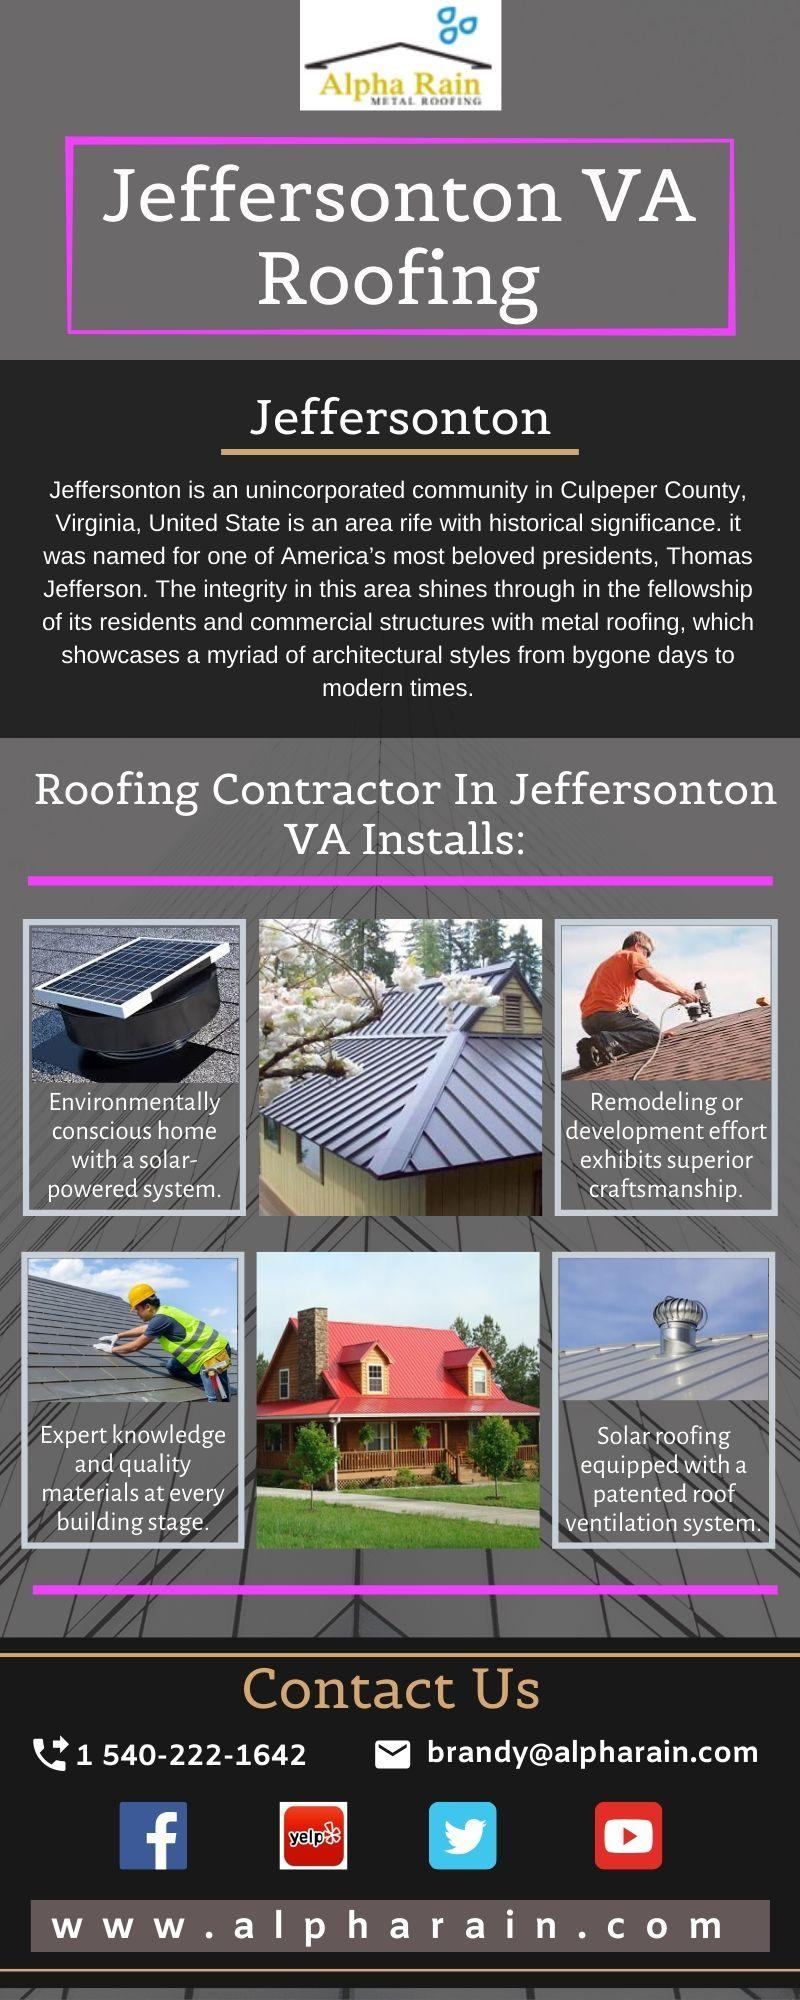 Alpha Rain An Expert Roofing Contractor In Jeffersonton Va In 2020 Metal Roofing Contractors Roofing Metal Roof